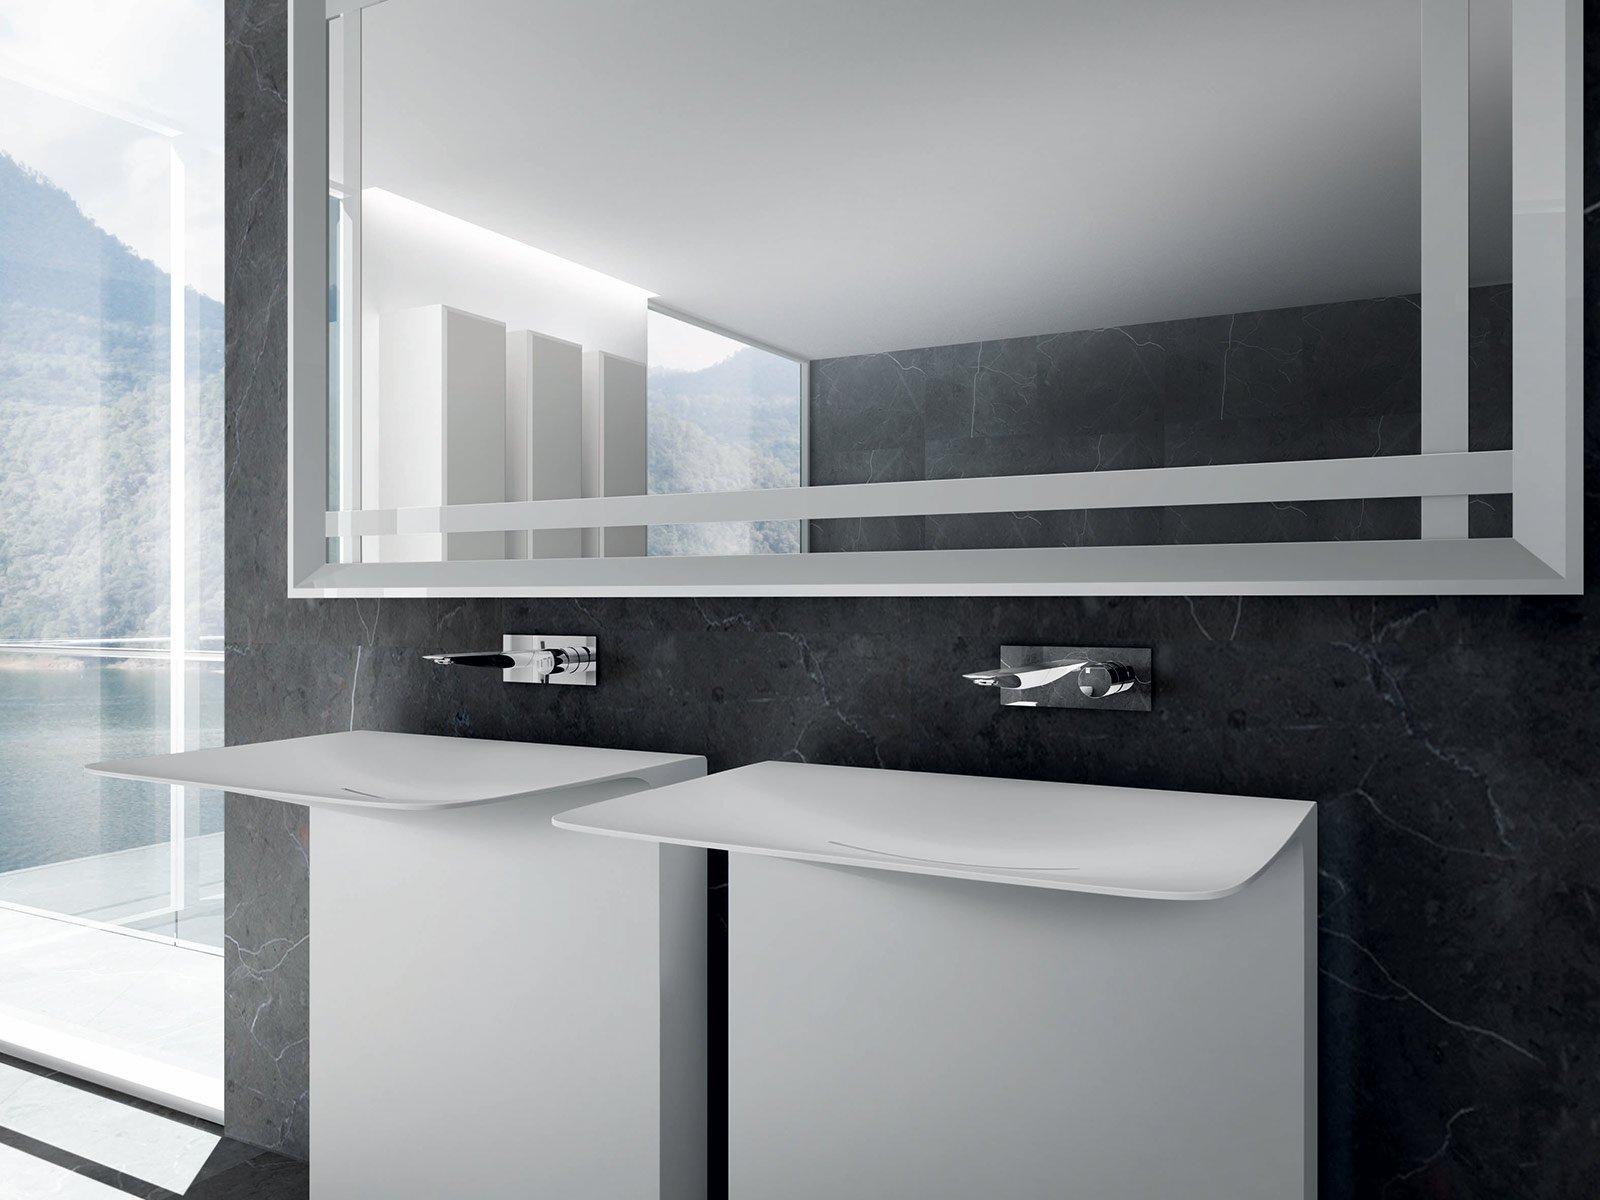 Altezza Vasca Da Terra : Altezza dei lavabi da terra per il bagno stretto lavabo modulare